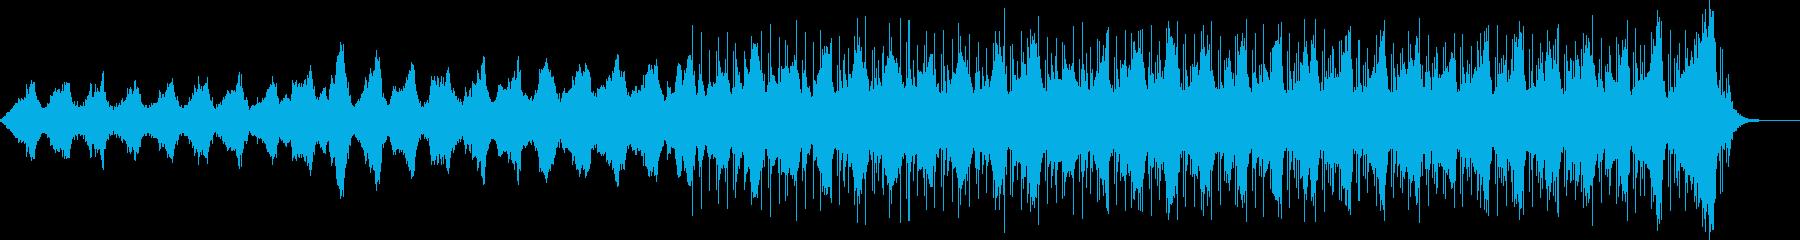 大自然に合うシネマティックサウンドの再生済みの波形